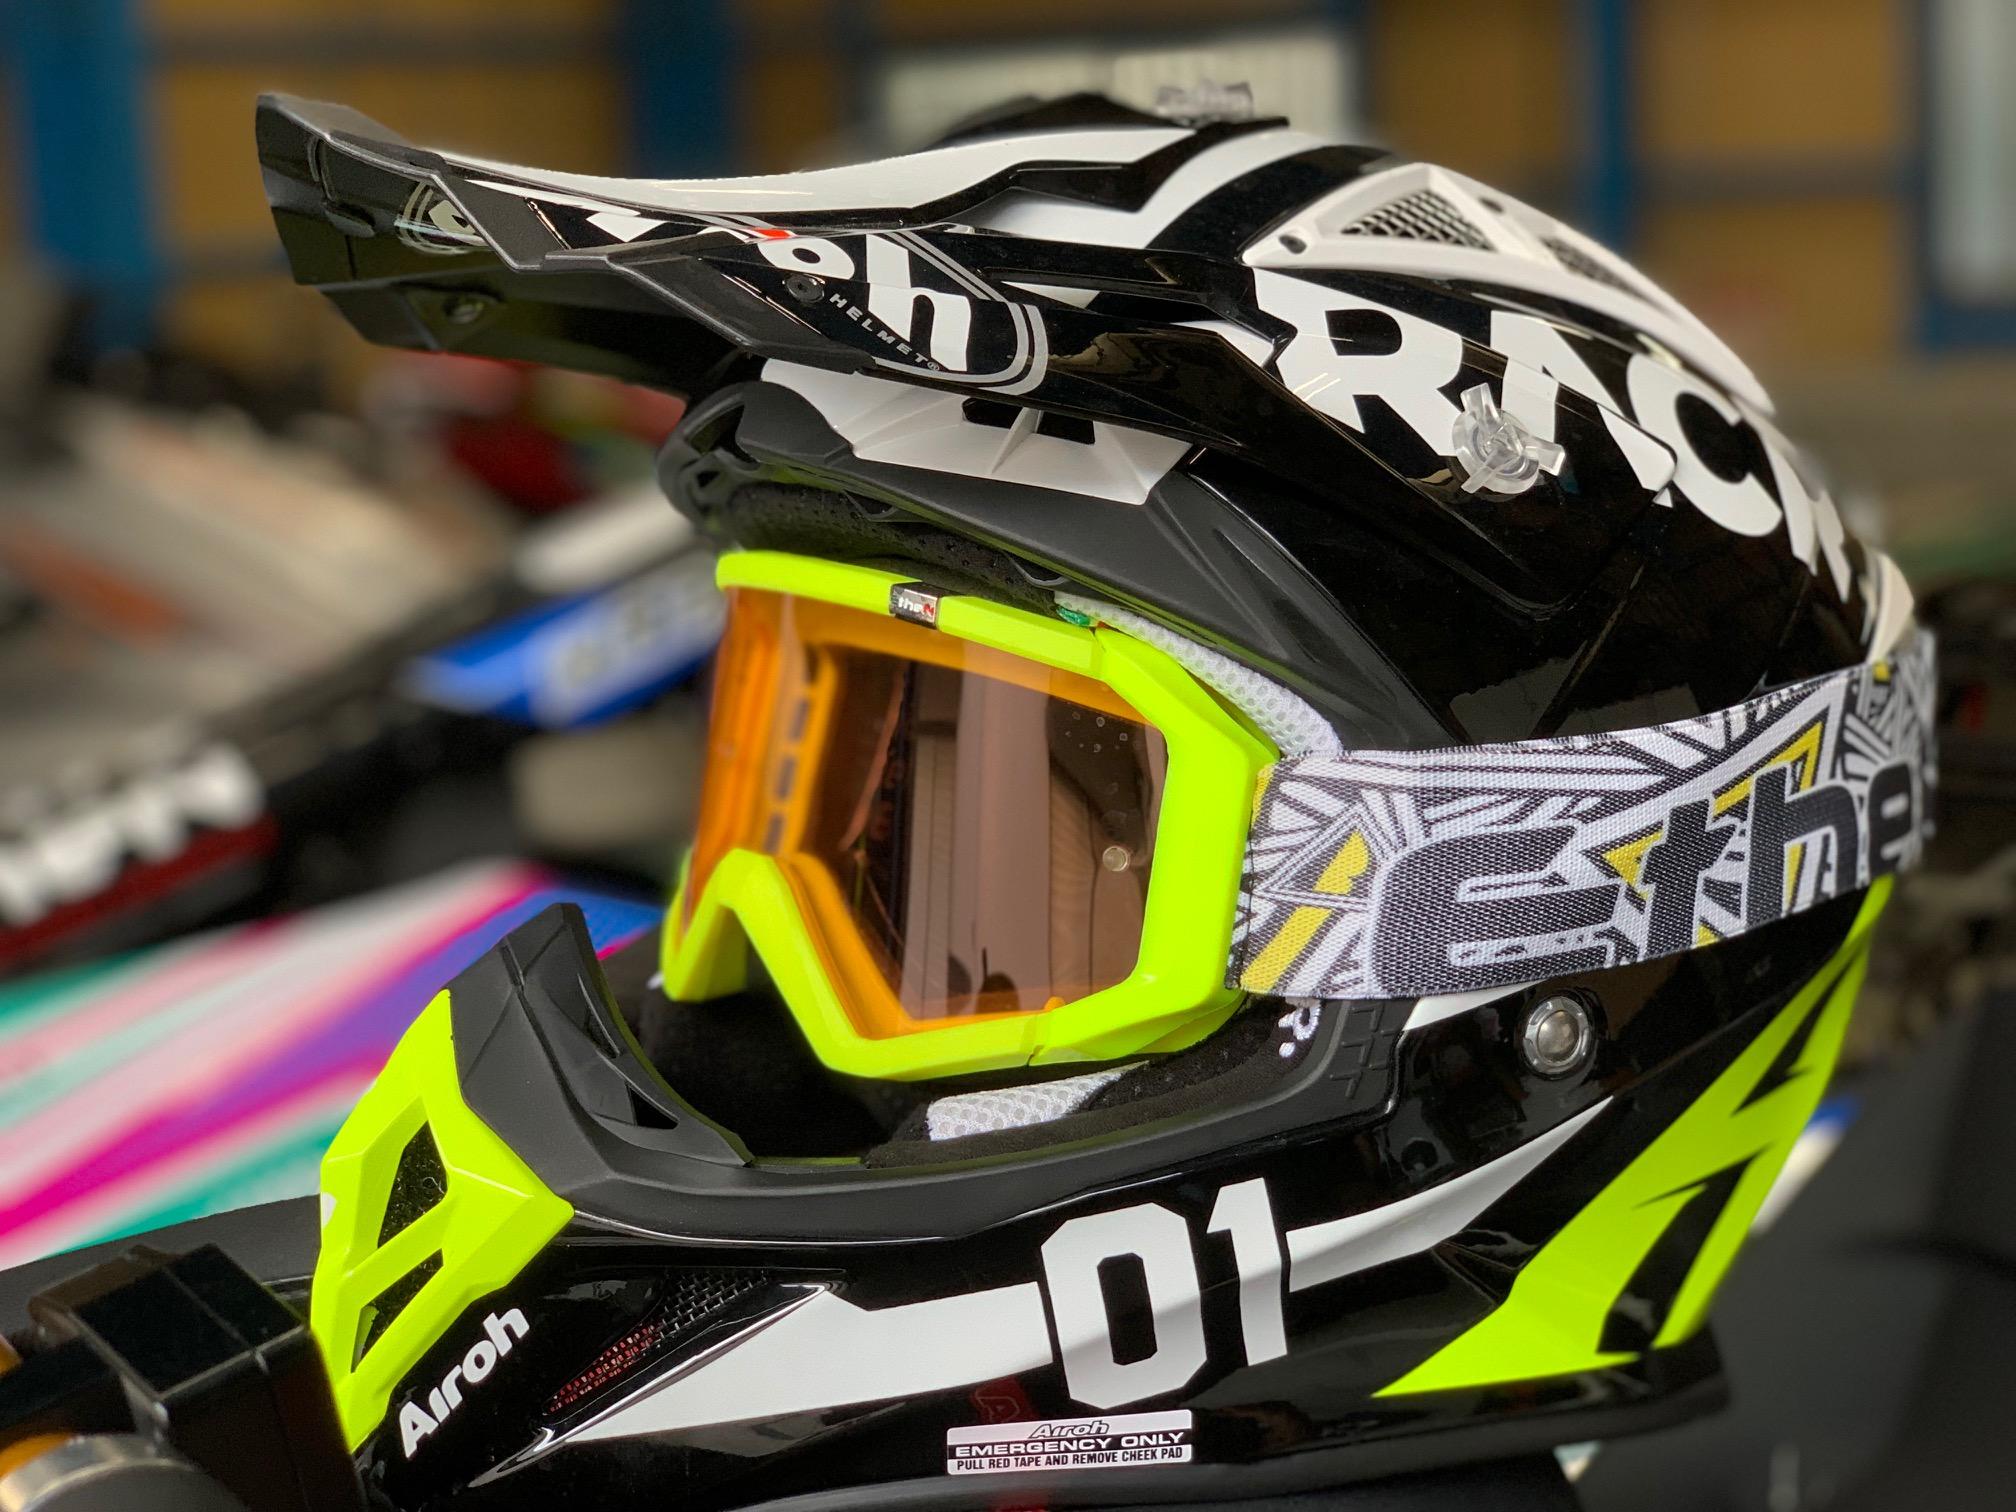 レーサーカーボンヘルメット&エテンゴーグル